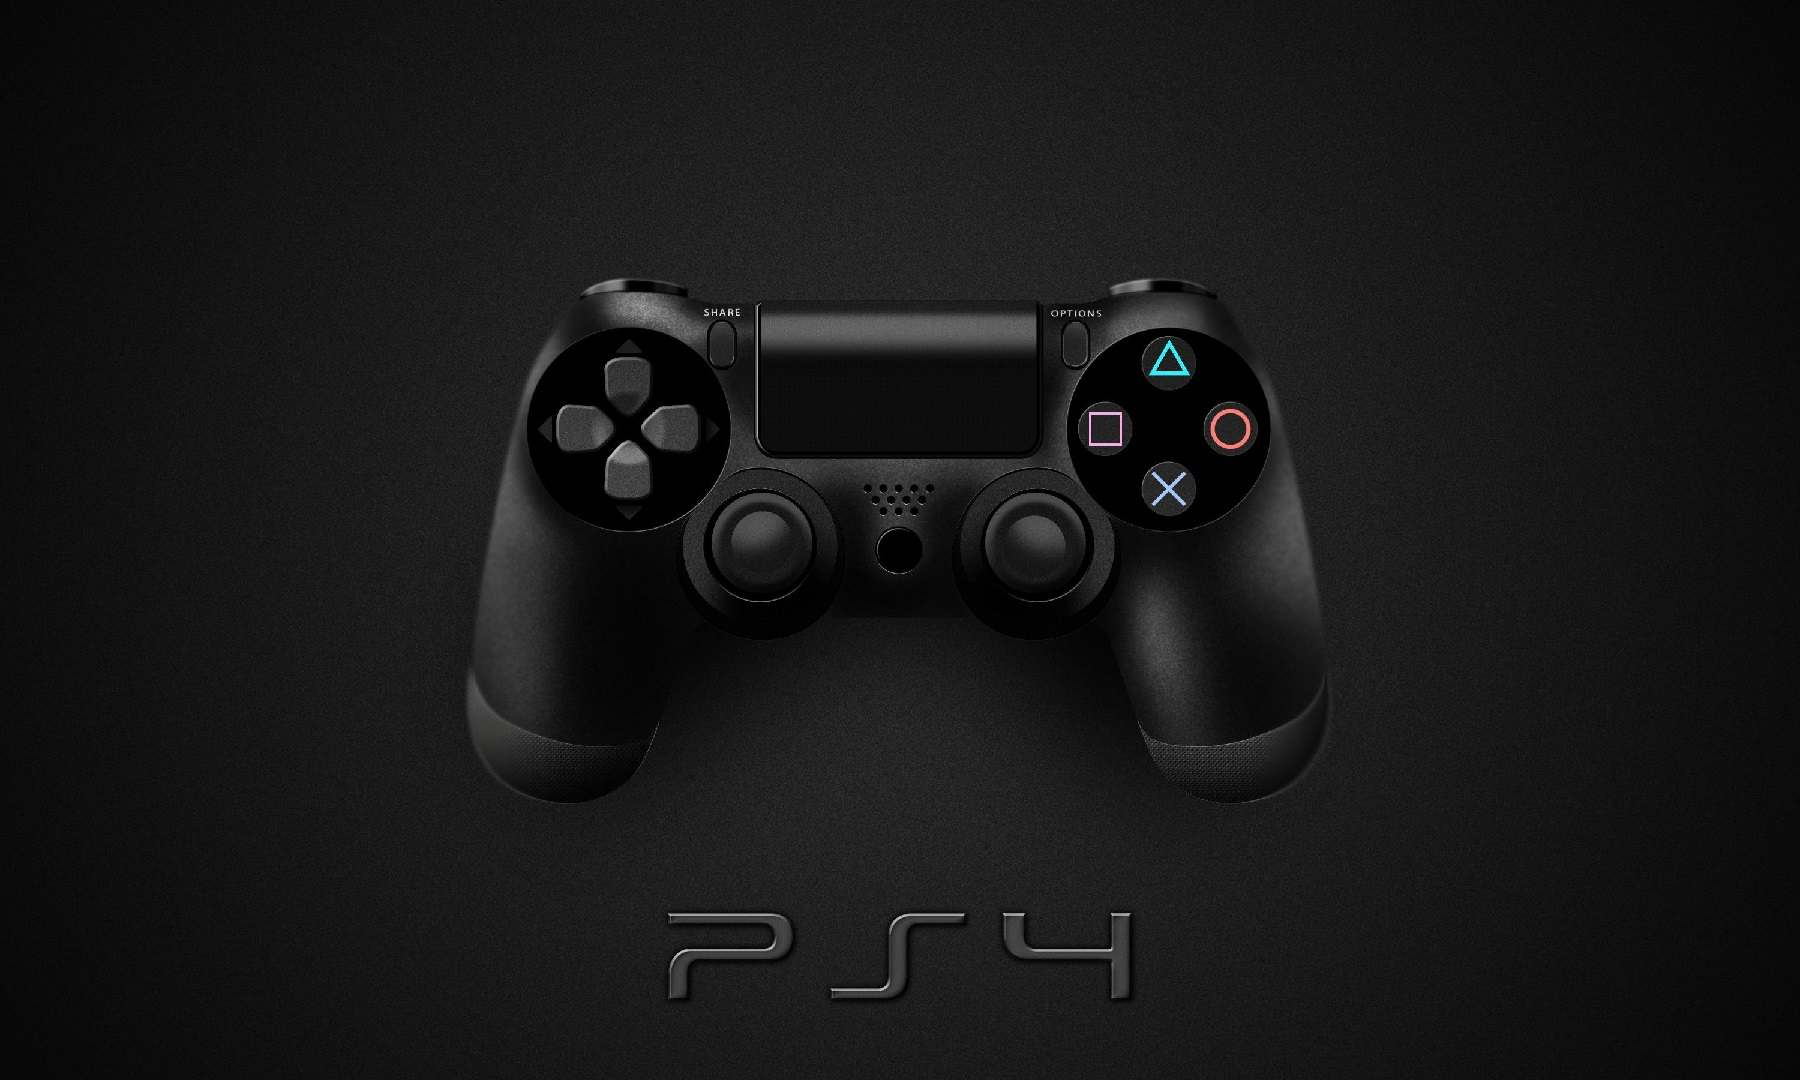 Kodi'yi kontrol etmek için bir Xbox veya PlayStation kontrol cihazı nasıl kullanılır?